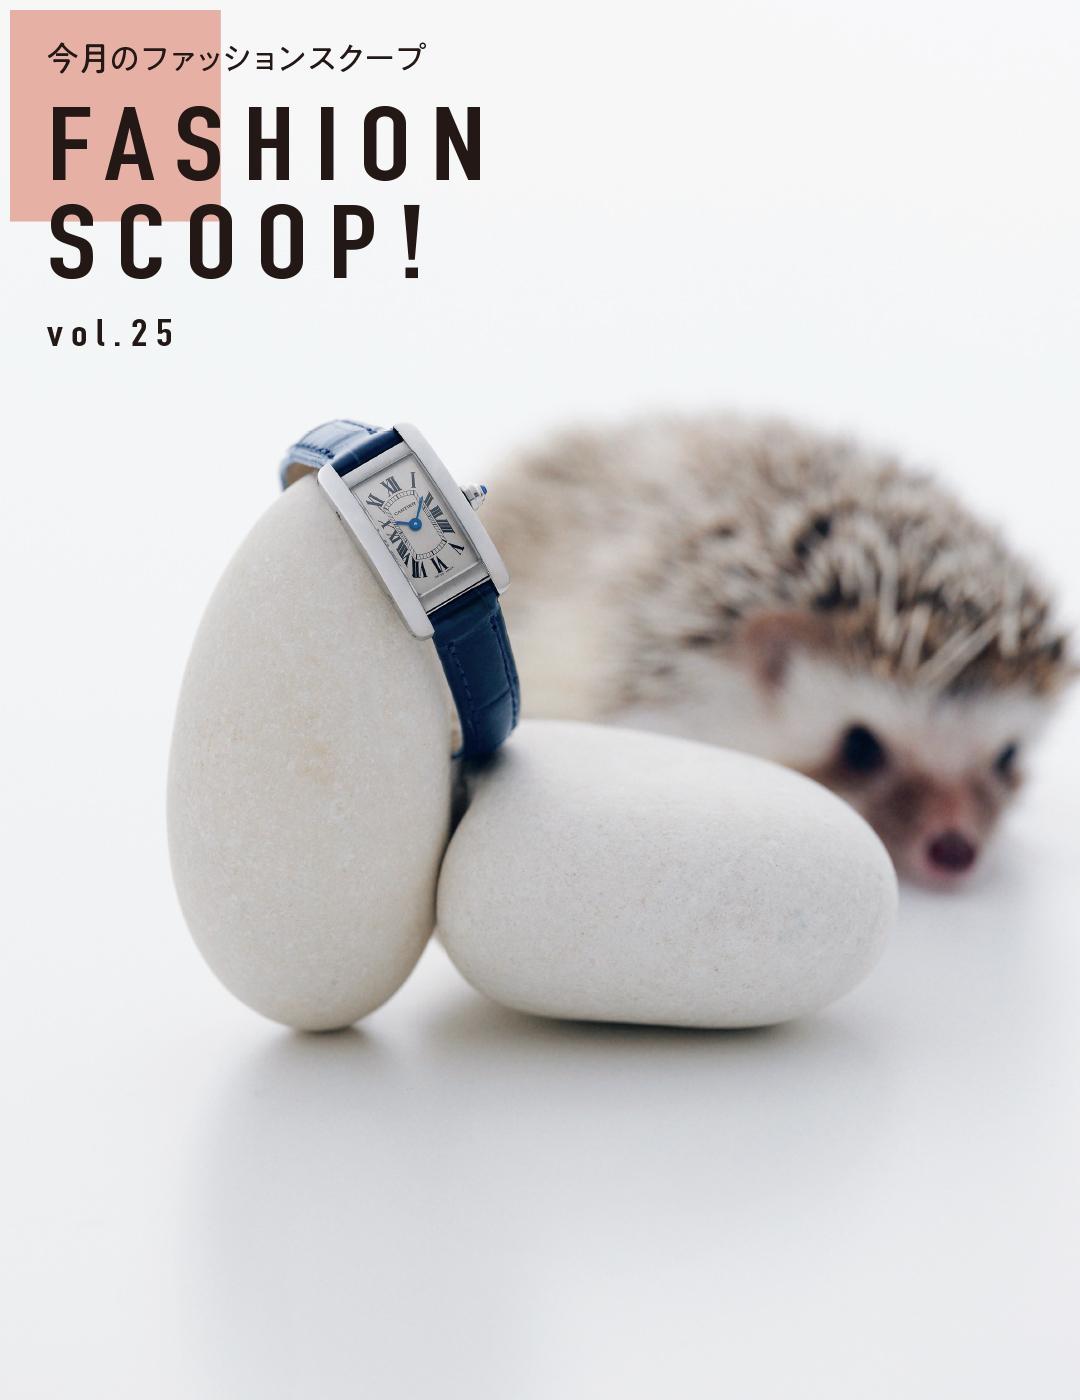 今月のファッションスクープ FASHION SCOOP! vol.25